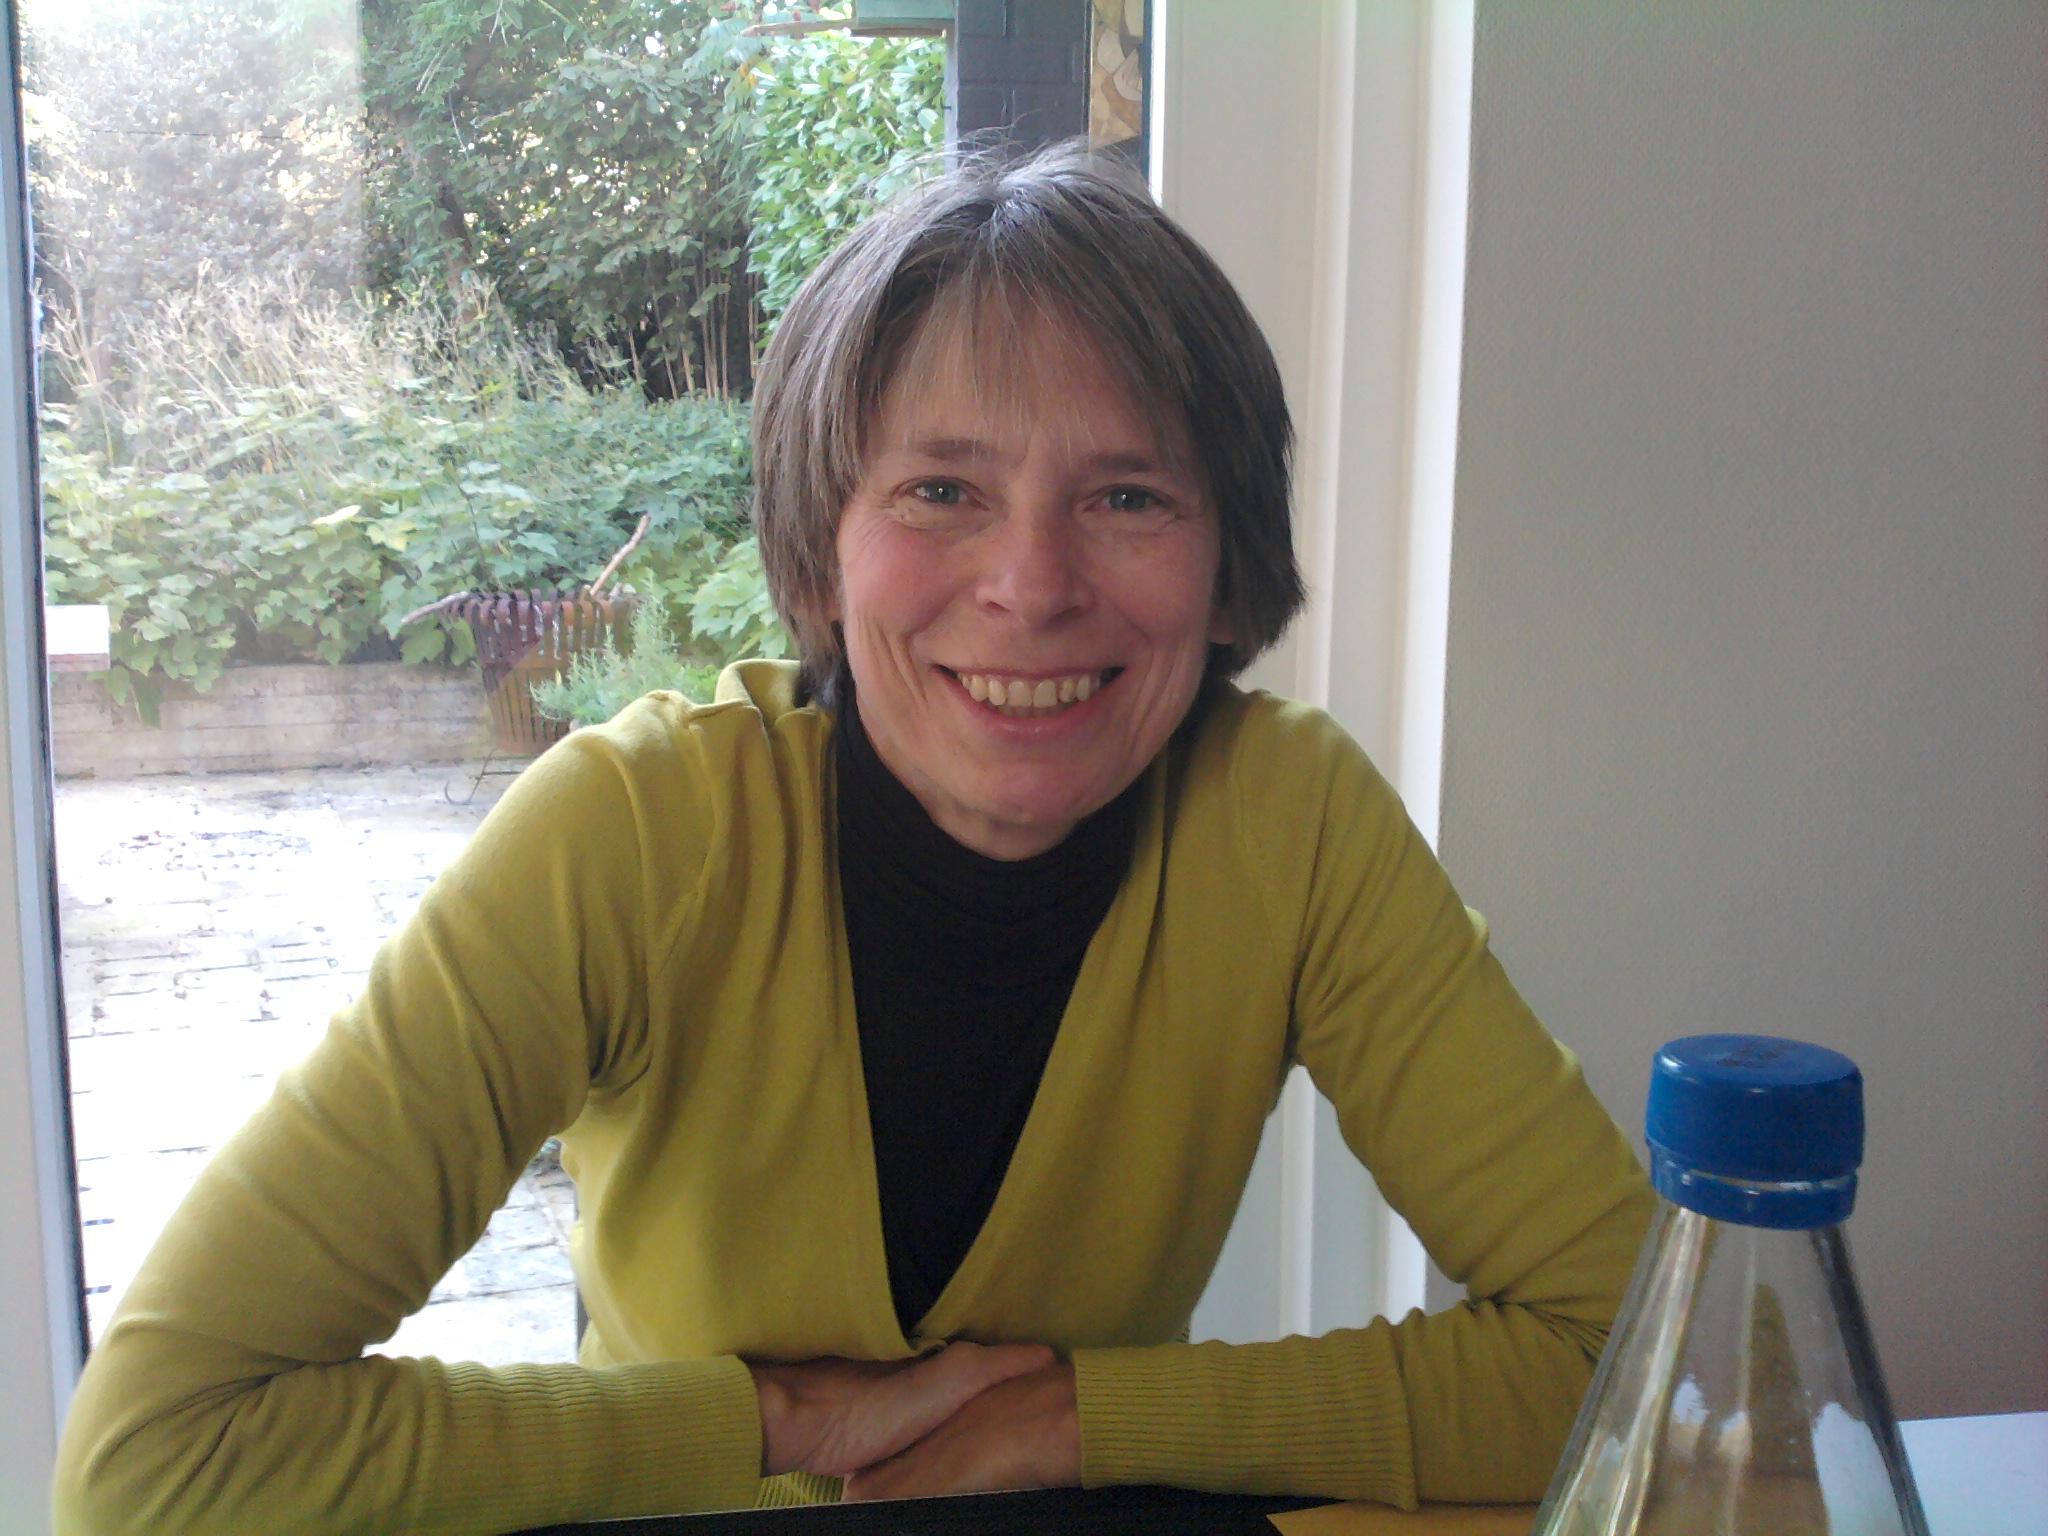 Karin Drexeler